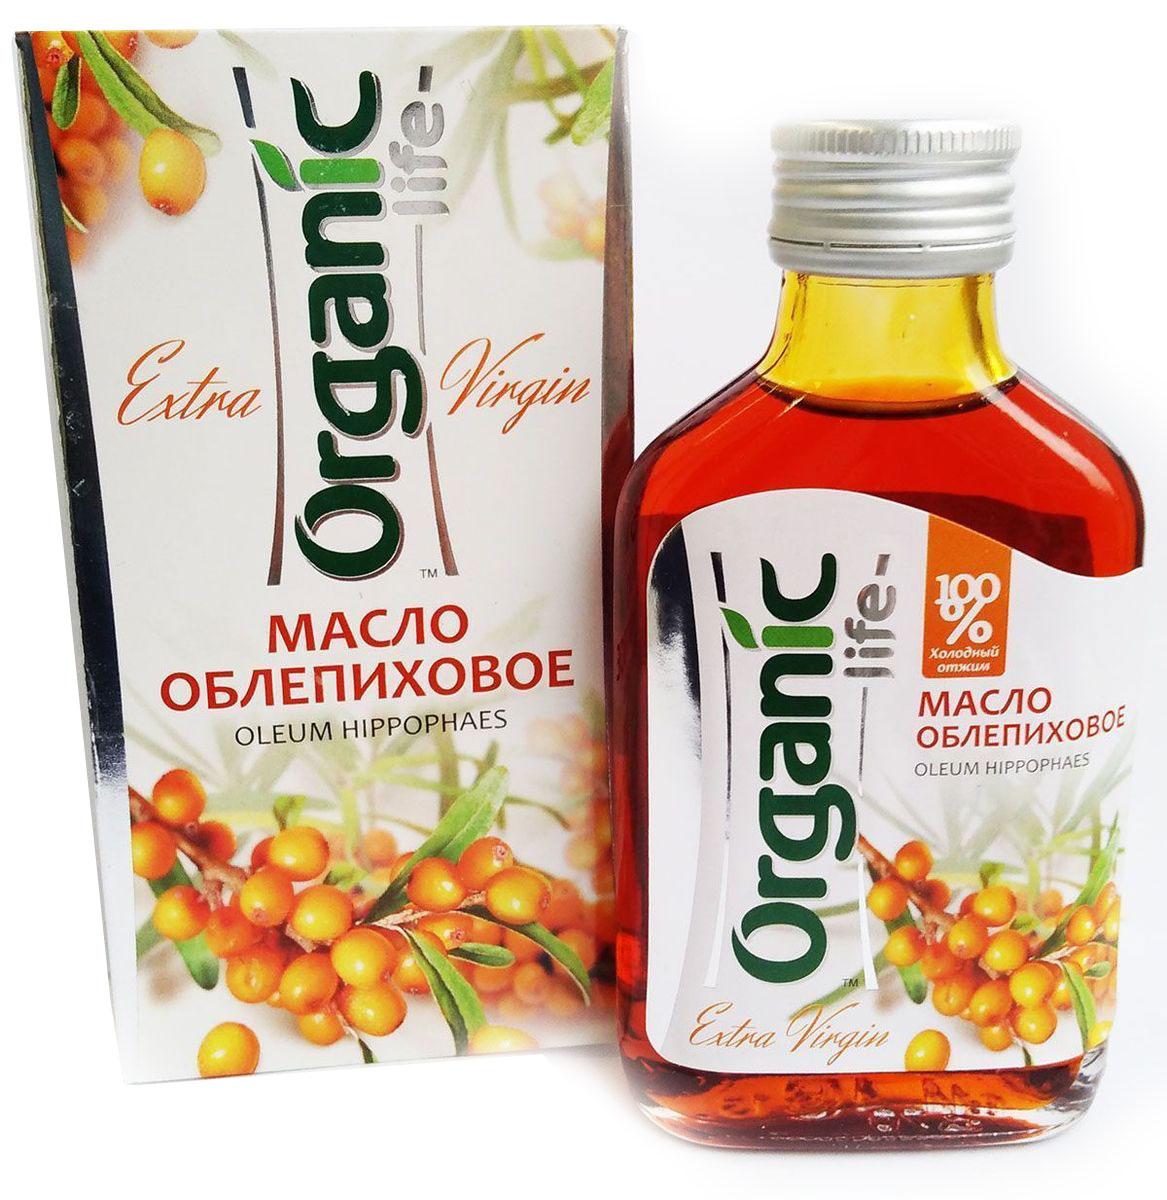 Organic Life масло облепиховое, 100 мл0120710Облепиховое масло - природный поливитаминный комплекс. Мы используем особую технологию переработки, получая масло из отборных ягод алтайской облепихи. Такая технология позволяет сохранить в масле все полезные вещества, заложенные природой, а также вкус, цвет и аромат свежей облепихи. По содержанию каротиноидов (провитамина А) облепиховое масло является лидером среди всех растительных масел. Также оно богато витаминами Е, В2, ВЗ, В6, В9, К и содержит более 15-ти макро- и микроэлементов (кальций, магний, железо, марганец, медь, цинк, хром, алюминий, селен, никель, кремний, титан, йод, бор и др.) Регулярное употребление масла в пищу рекомендуется:для профилактики авитаминоза;для профилактики болезней желудочно-кишечного тракта;для профилактики болезней глаз и верхних дыхательных путей;при повышенной физической и умственной нагрузке;для поддержания защитных сил организма и укрепления иммунитета. Облепиховое масло Organic Life обладает вкусом, цветом и ароматом свежей ягоды, гармонично сочетается с фруктовыми и овощными салатами. Способ применения: по 1 ч.л. 2-3 раза в день.